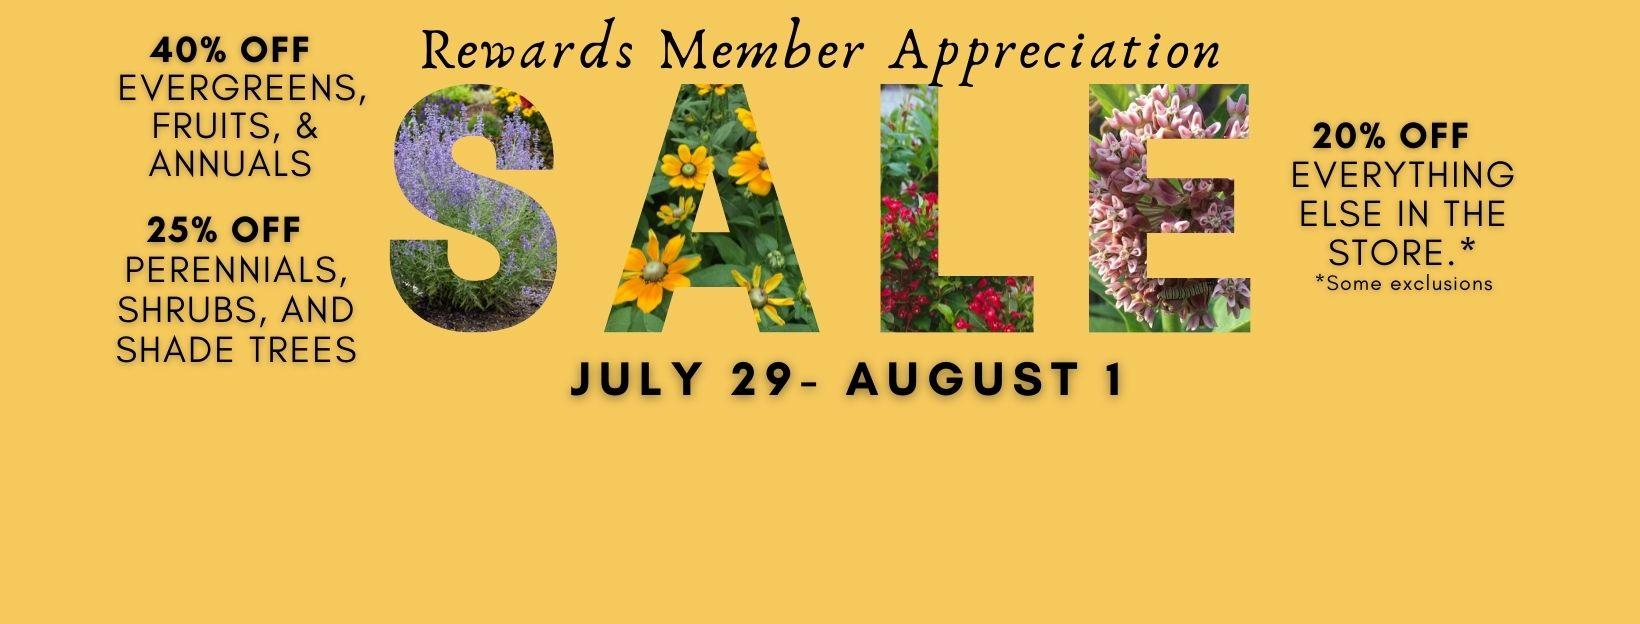 Rewards Member Appreciation Sale